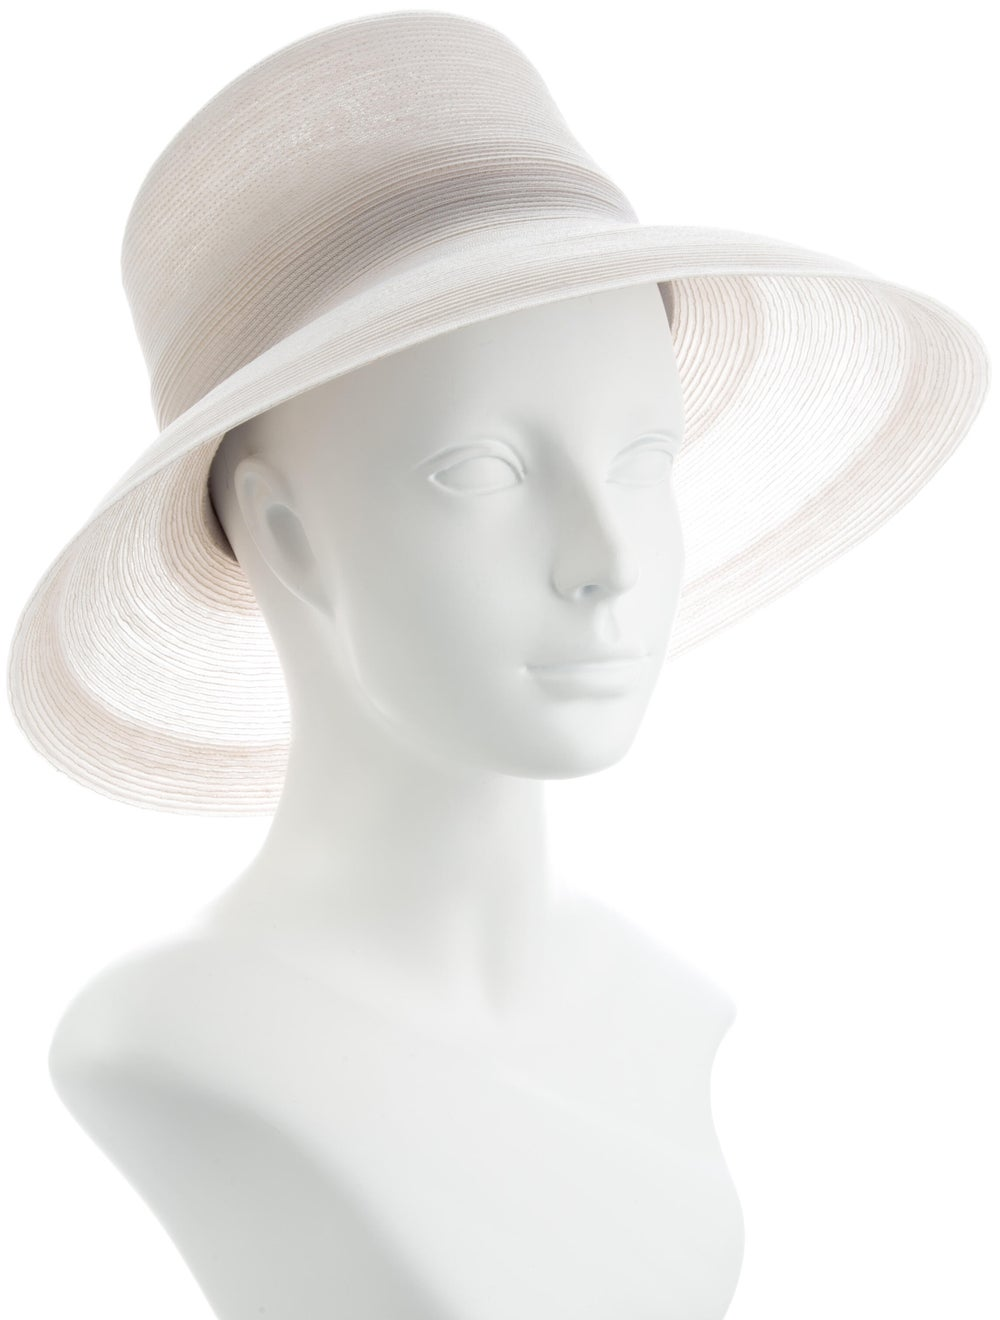 Patricia Underwood Straw Wide-Brim Hat White - image 3